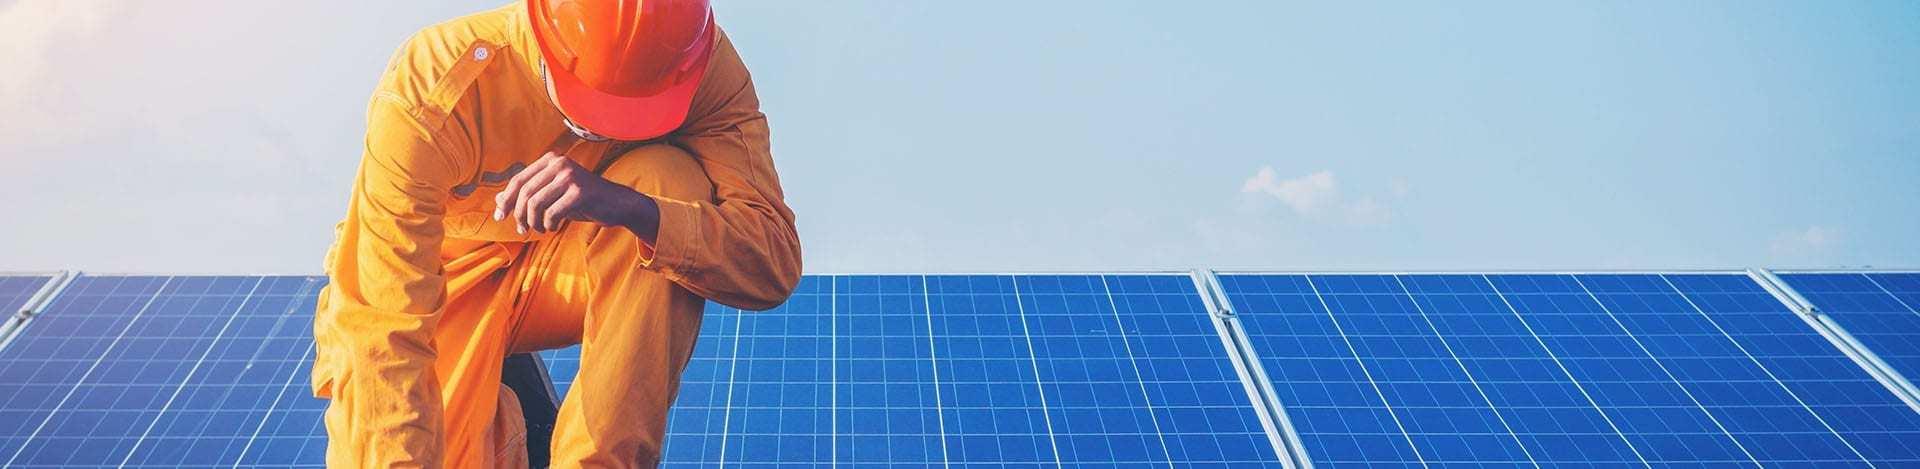 Installation d'une Solution pour Améliorer la Performance Énergétique